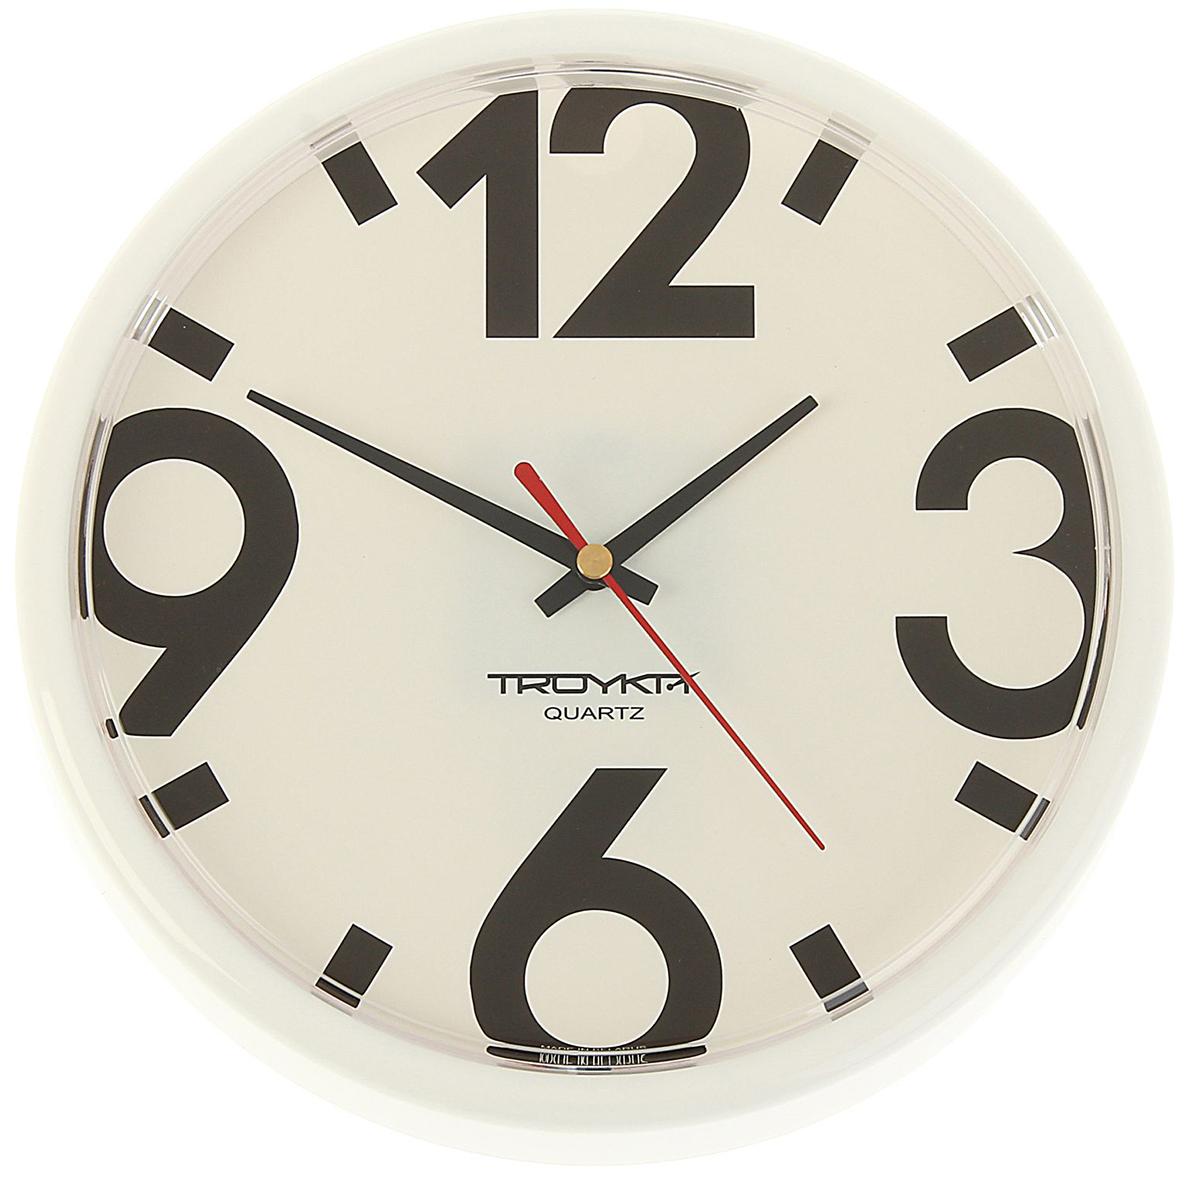 Часы настенные Тройка Белая классика, диаметр 23 см1180178Каждому хозяину периодически приходит мысль обновить свою квартиру, сделать ремонт, перестановку или кардинально поменять внешний вид каждой комнаты. Часы настенные круглые Габариты, d=23 см, белые — привлекательная деталь, которая поможет воплотить вашу интерьерную идею, создать неповторимую атмосферу в вашем доме. Окружите себя приятными мелочами, пусть они радуют глаз и дарят гармонию. Часы настенные круглые Габариты, d=23 см, белые — сувенир в полном смысле этого слова. И главная его задача — хранить воспоминание о месте, где вы побывали, или о том человеке, который подарил данный предмет. Преподнесите эту вещь своему другу, и она станет достойным украшением его дома.Часы настенные круглые Белая классика, белые, 23 см 1180178